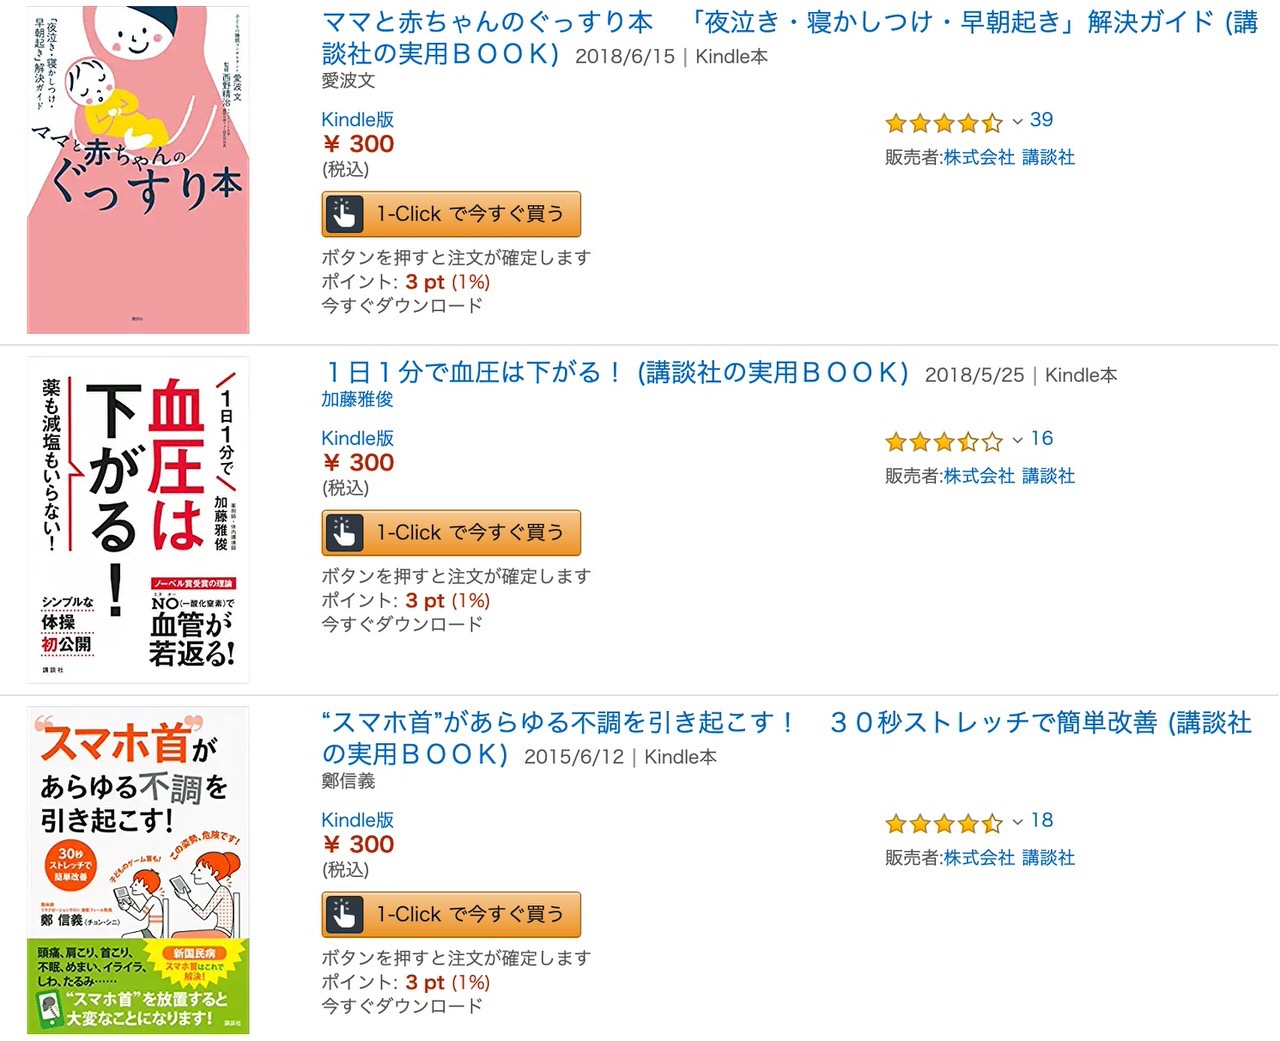 【Kindleセール】300円均一の269冊【夏☆電書2019】実用書フェア(8/1まで)